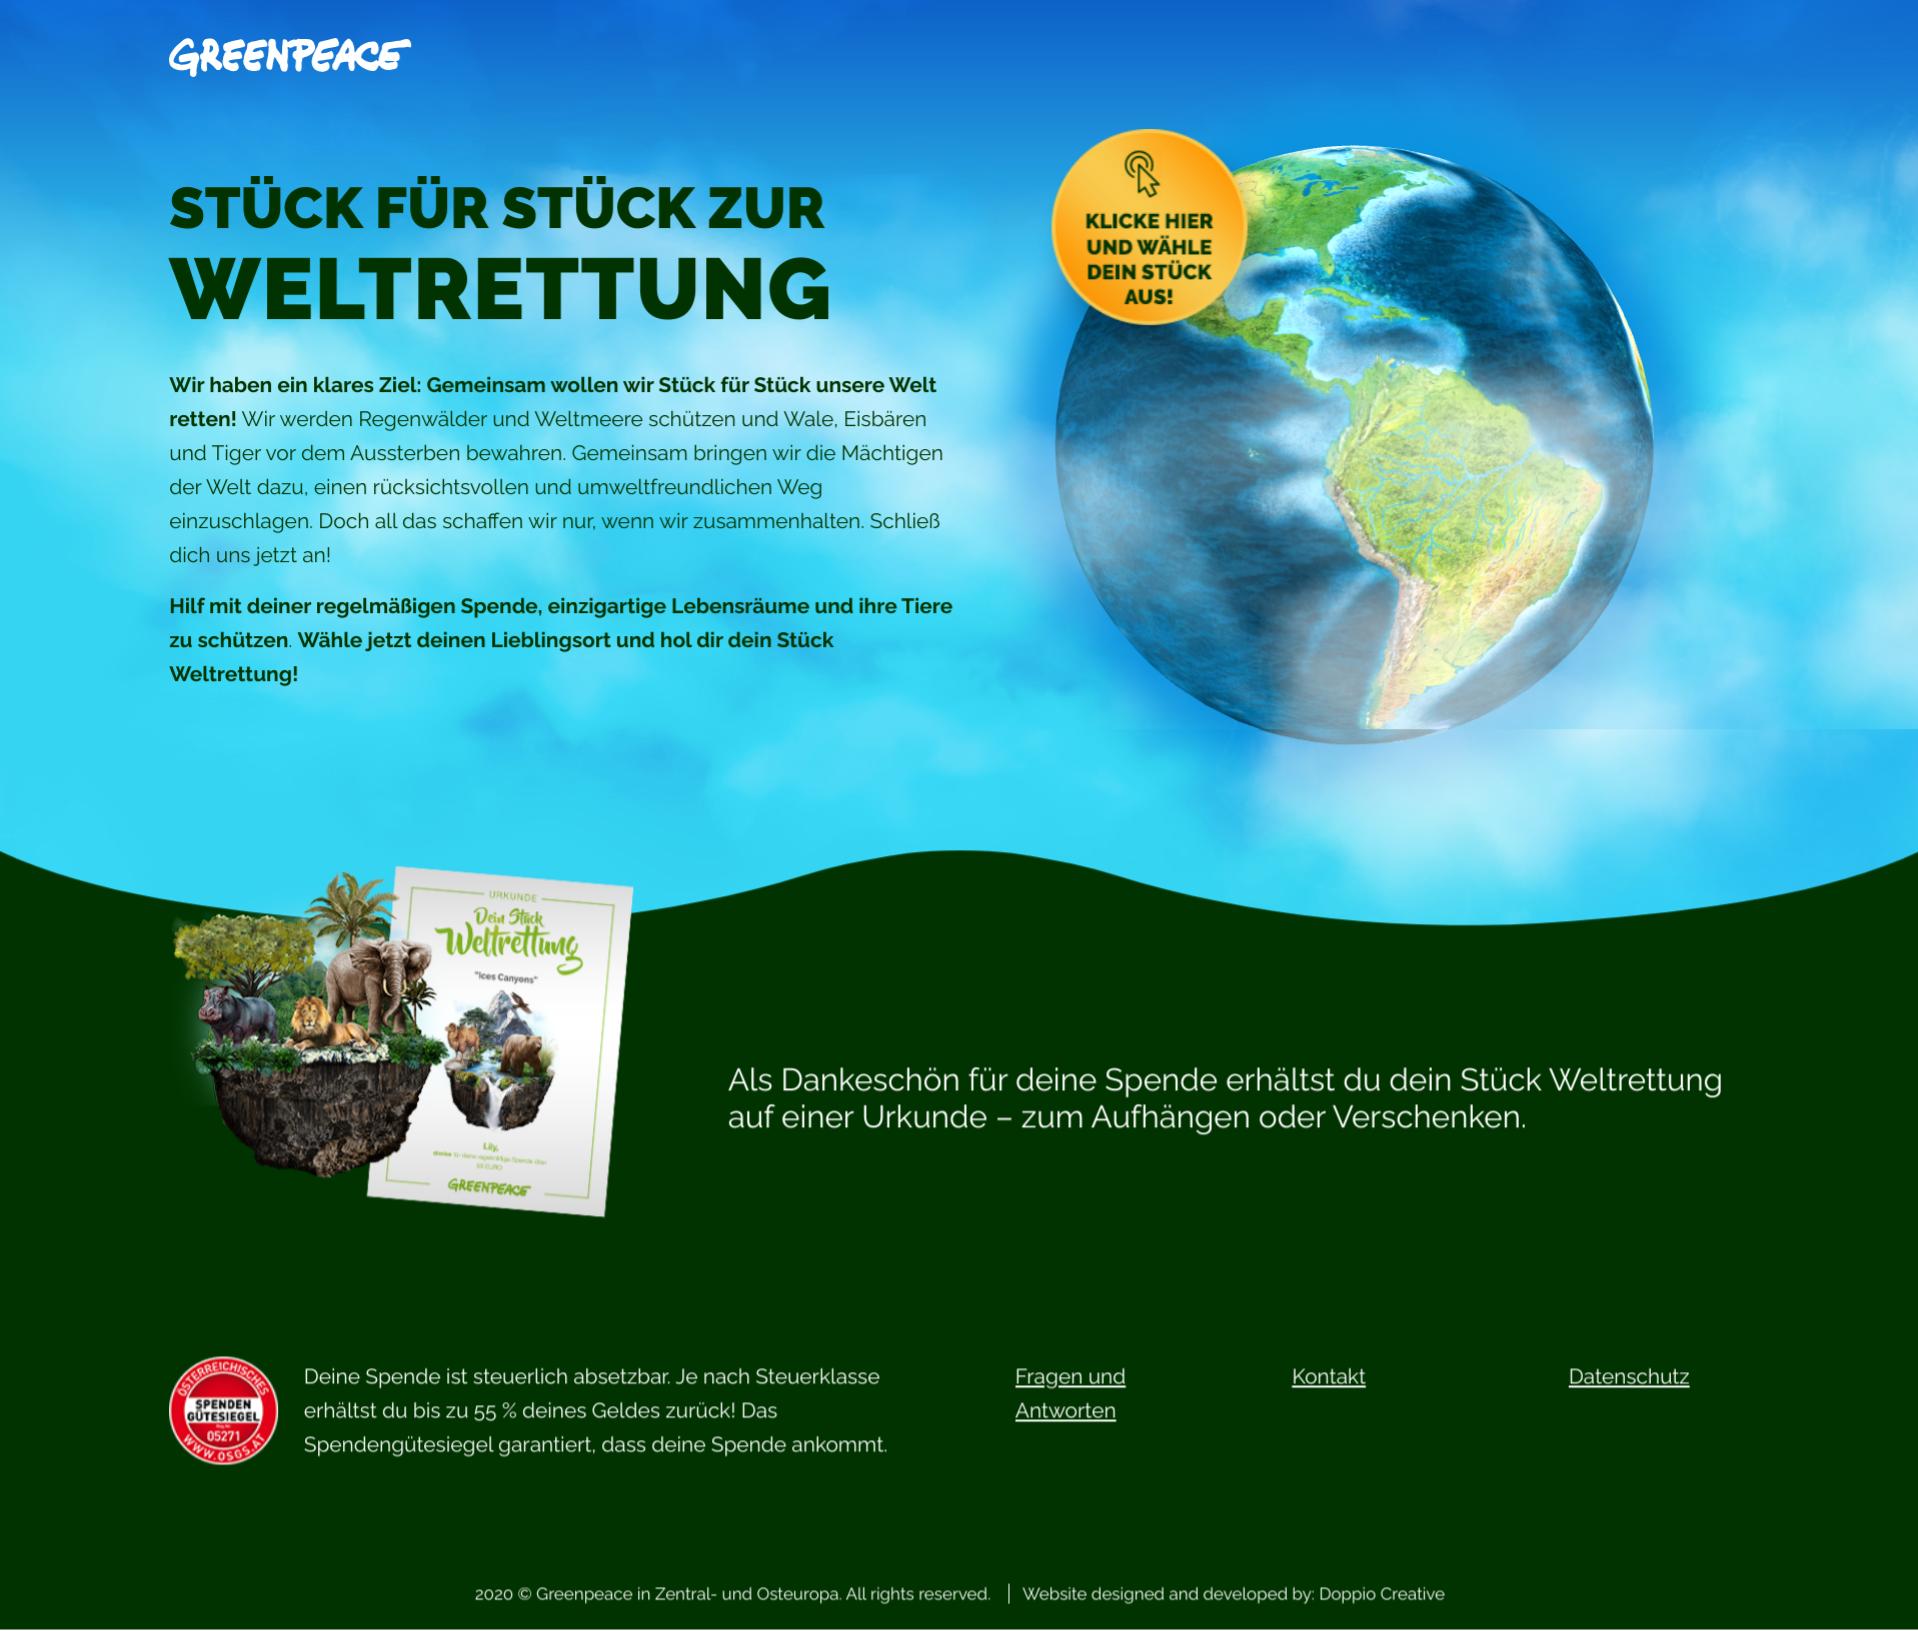 Greenpeace Weltrettung